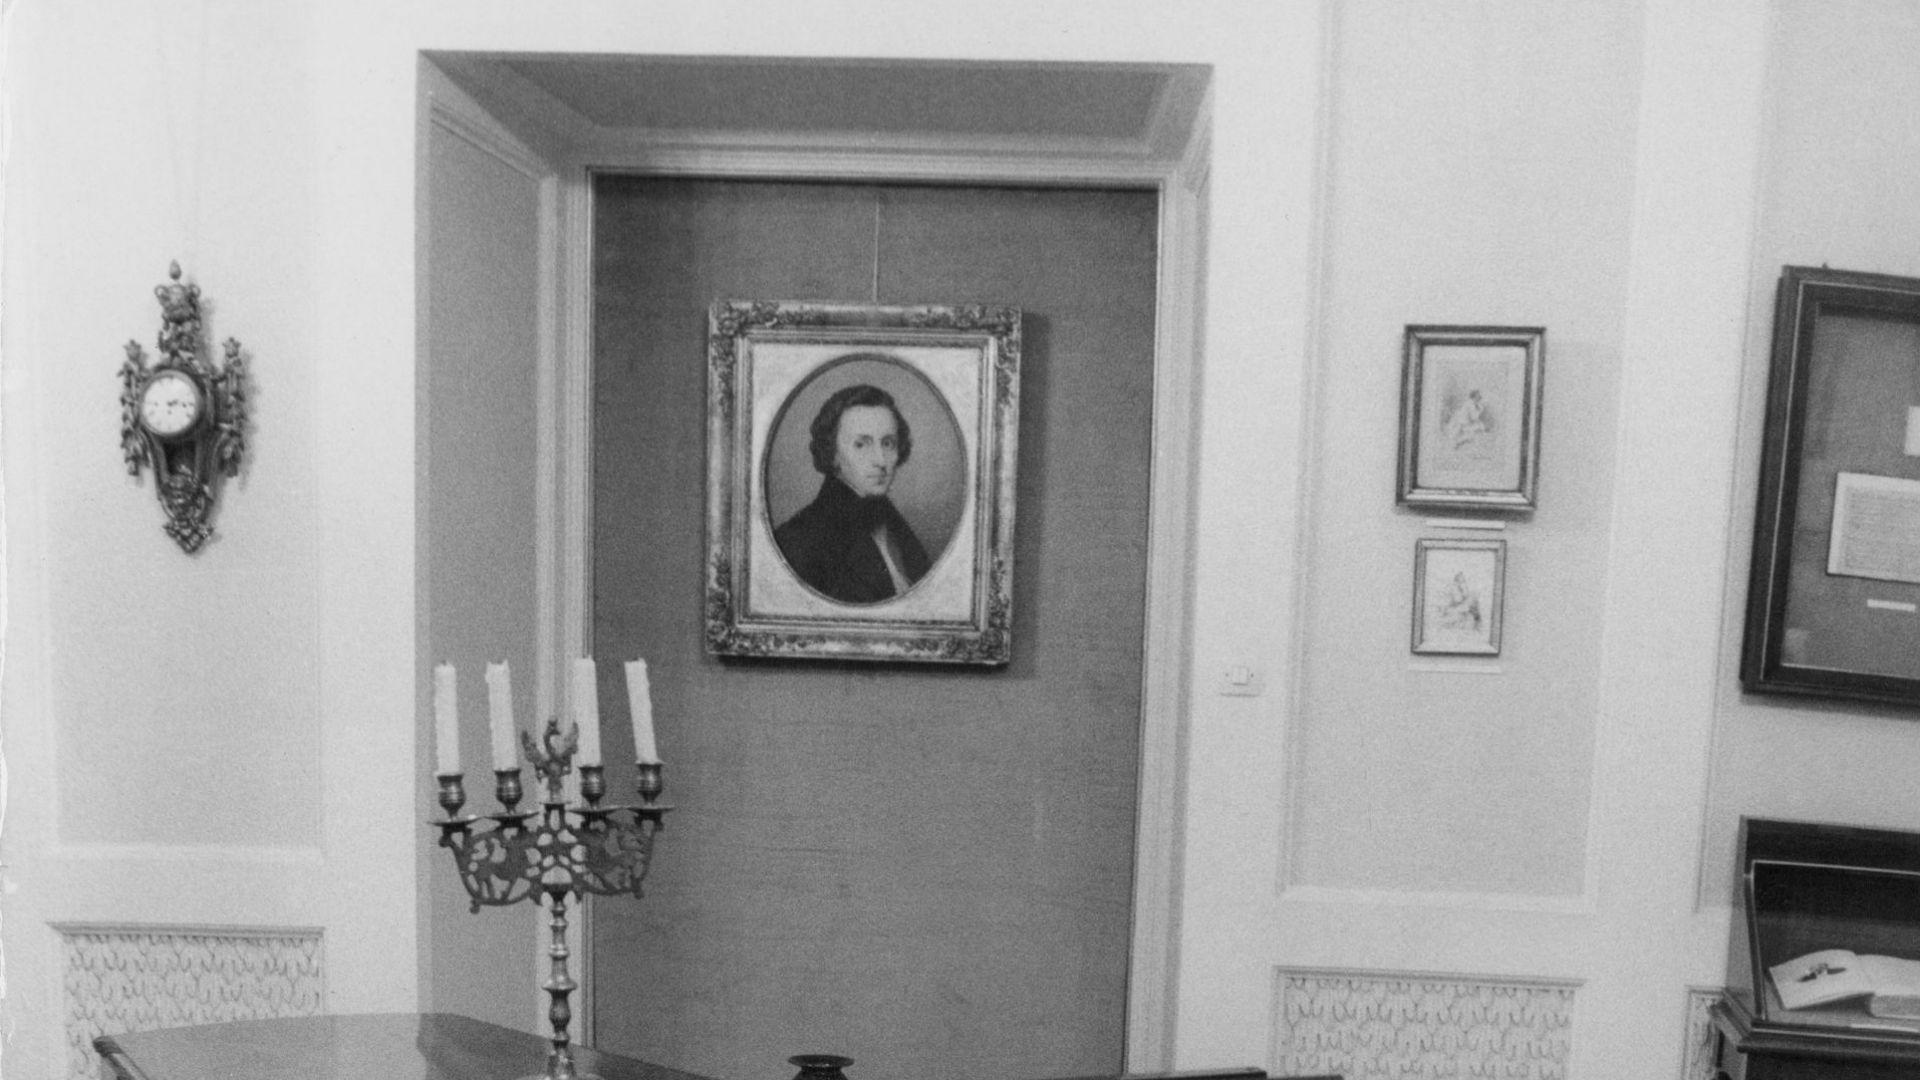 От вехтошарите до банковия сейф: Откриха 200-годишен портрет на Шопен